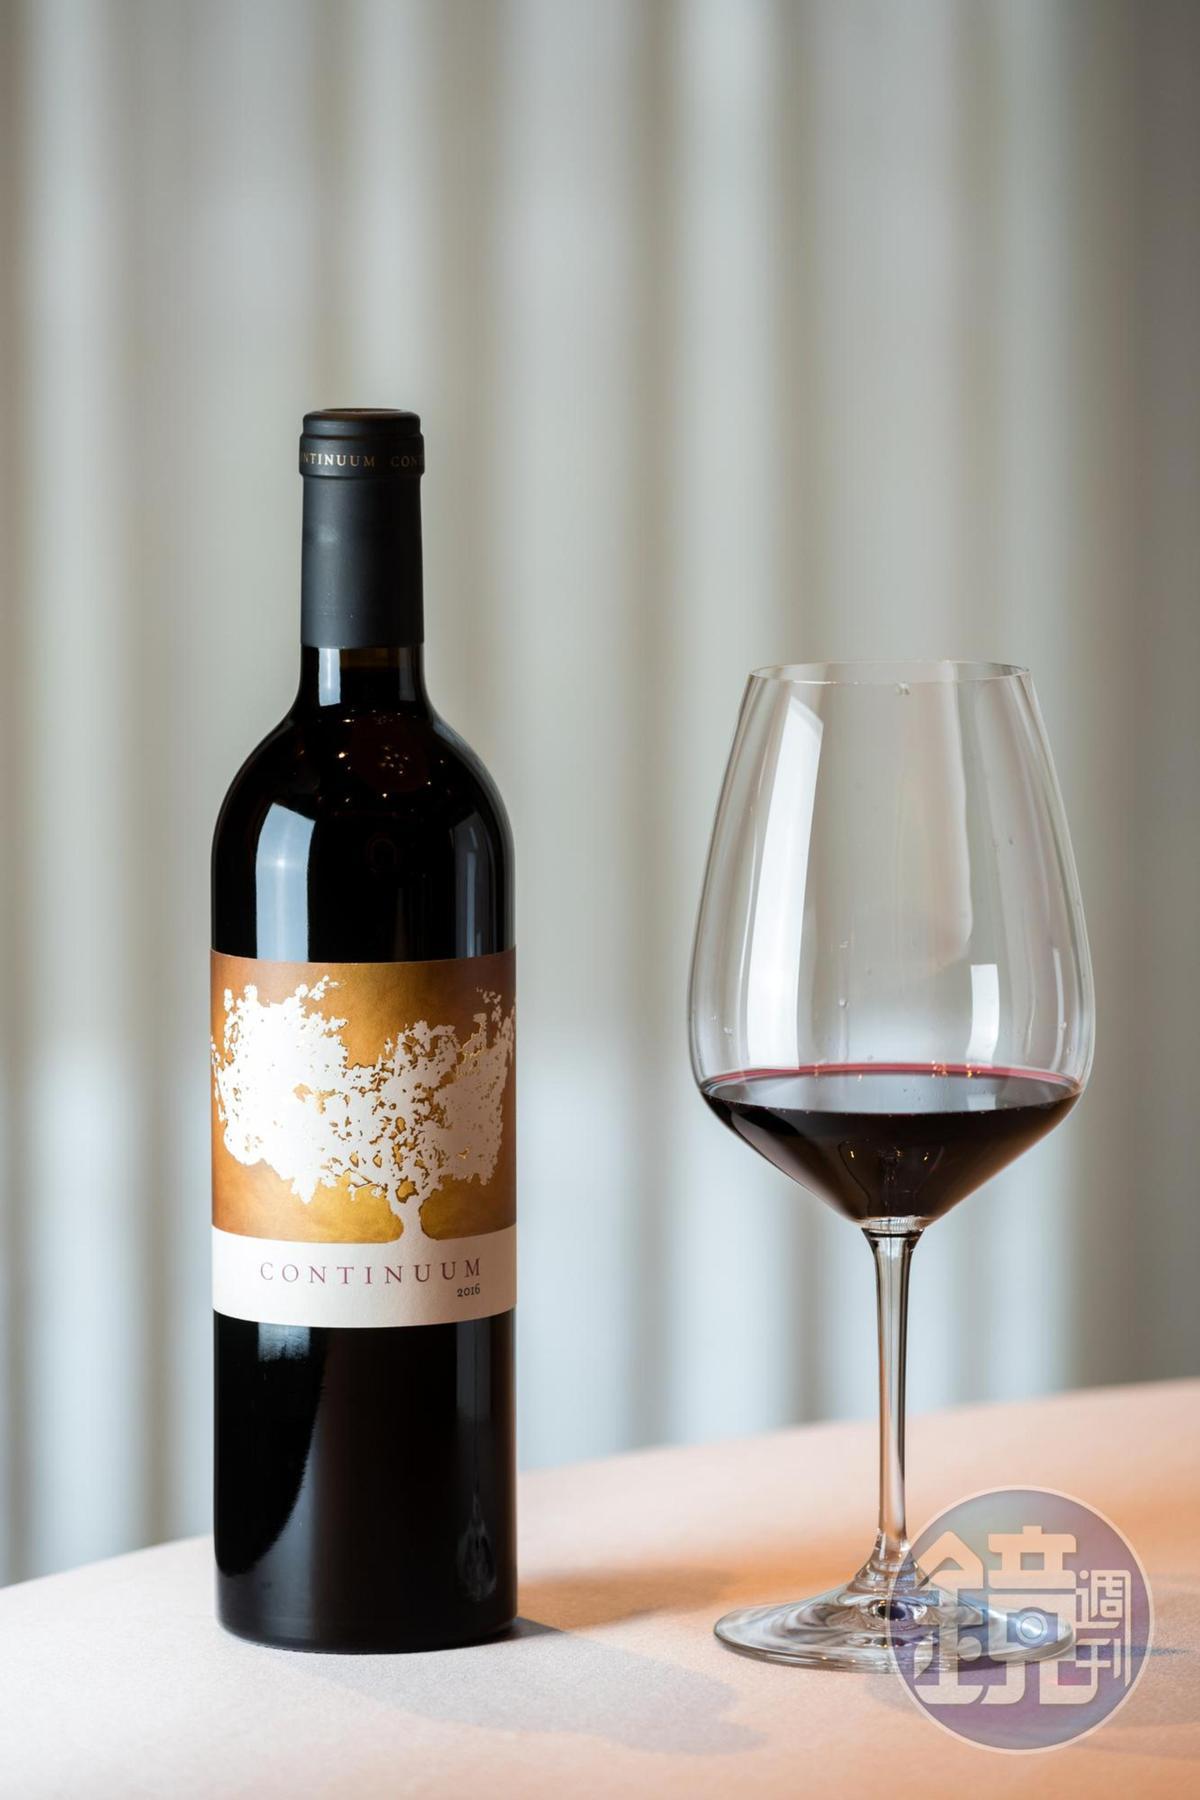 「心傳葡萄紅酒2016」是以卡本內蘇維翁為主的混釀紅酒,2016年份被知名酒評網站Robert Parker給予99分高分。(12,800元 /瓶)